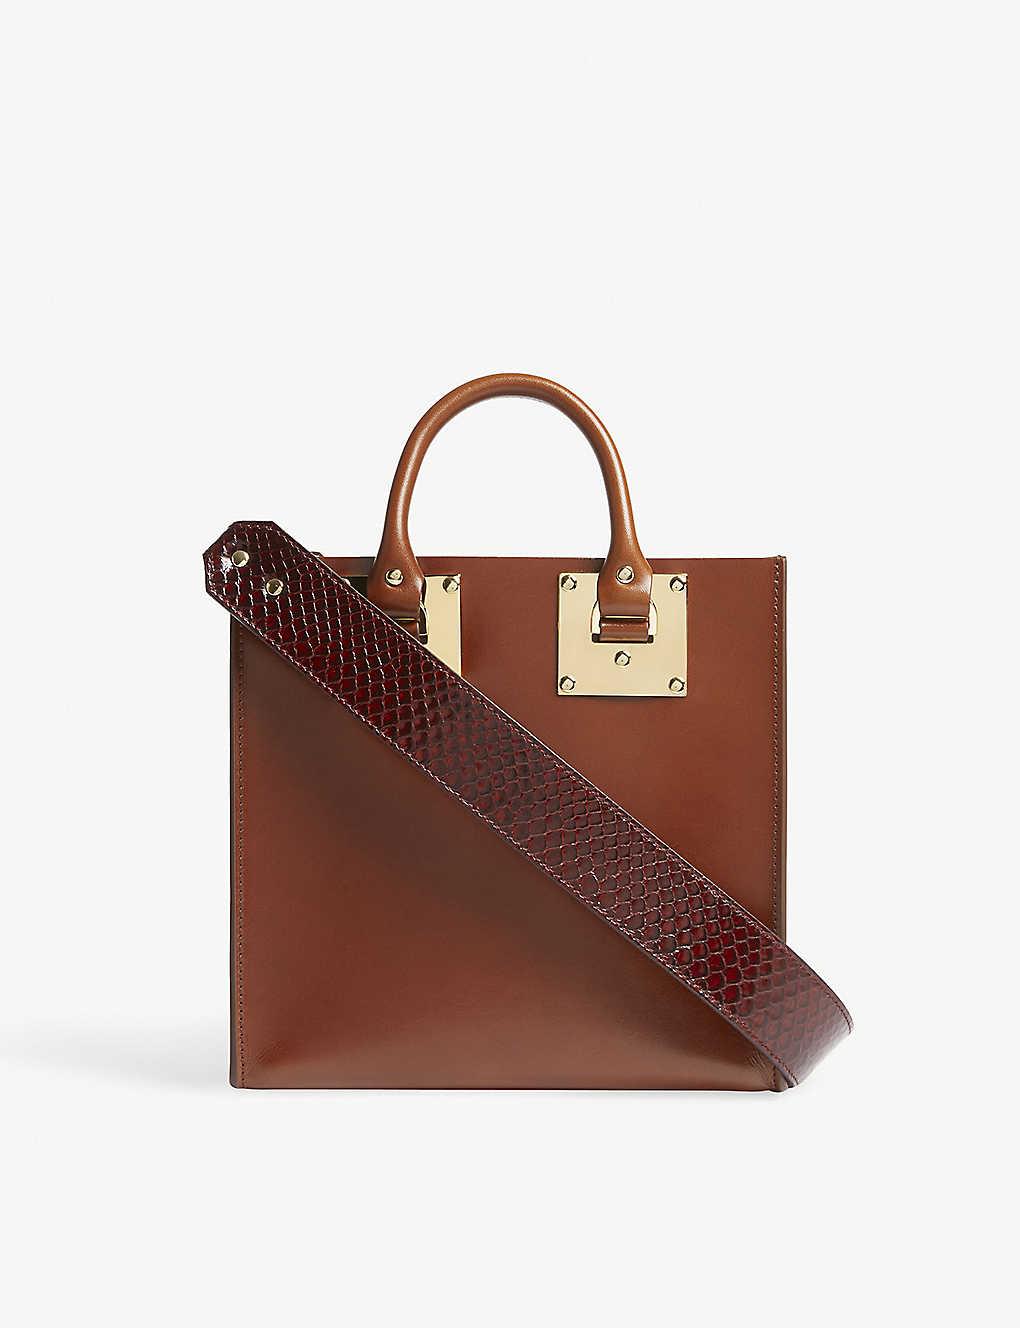 SOPHIE HULME - The Albion Square leather shoulder bag  9e92e1d15d5f8